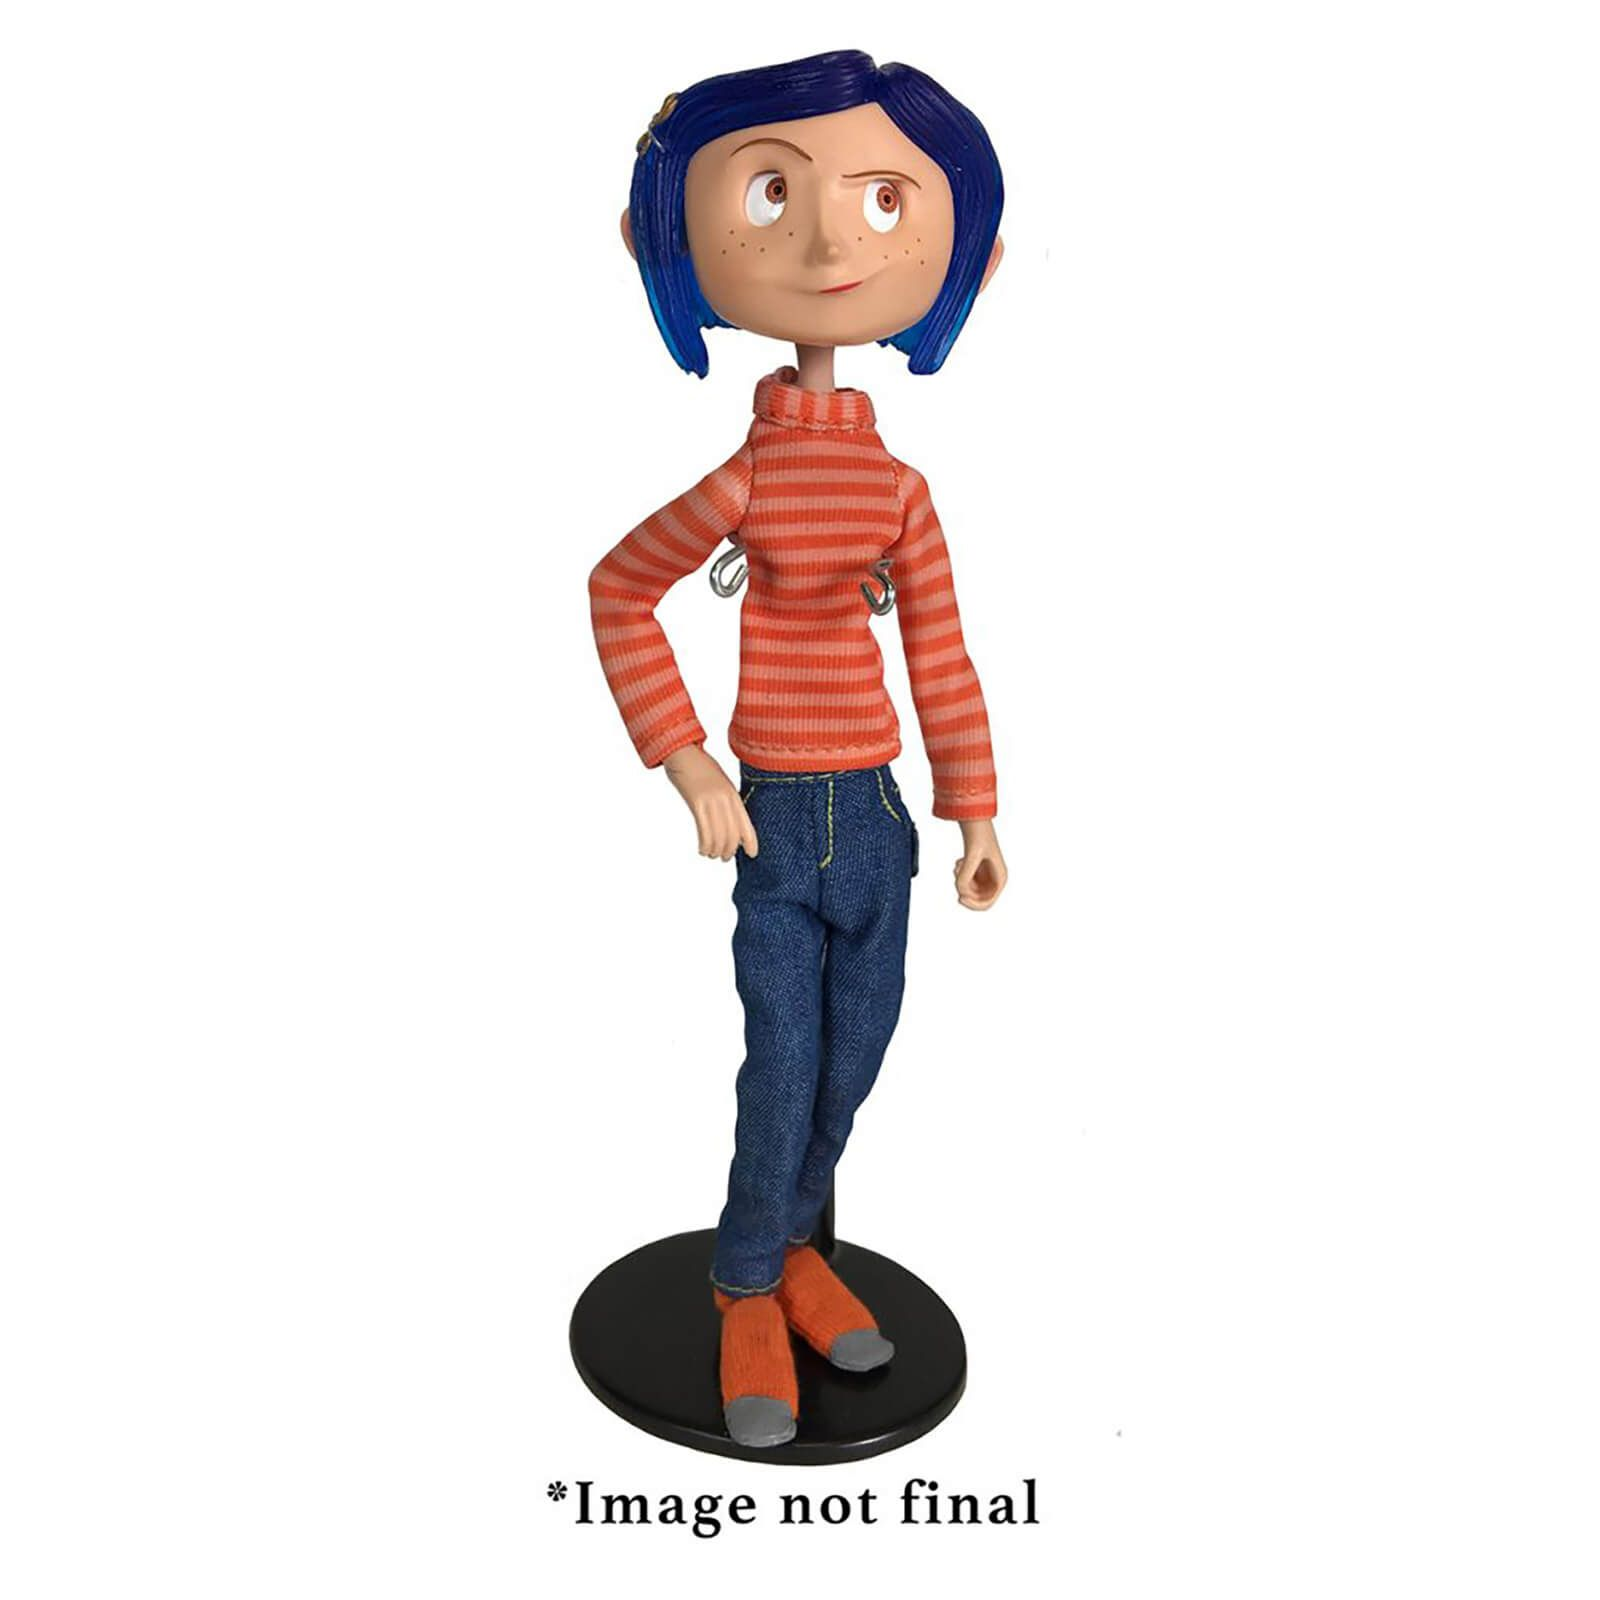 NECA Coraline Articulated Figure Coraline in Striped